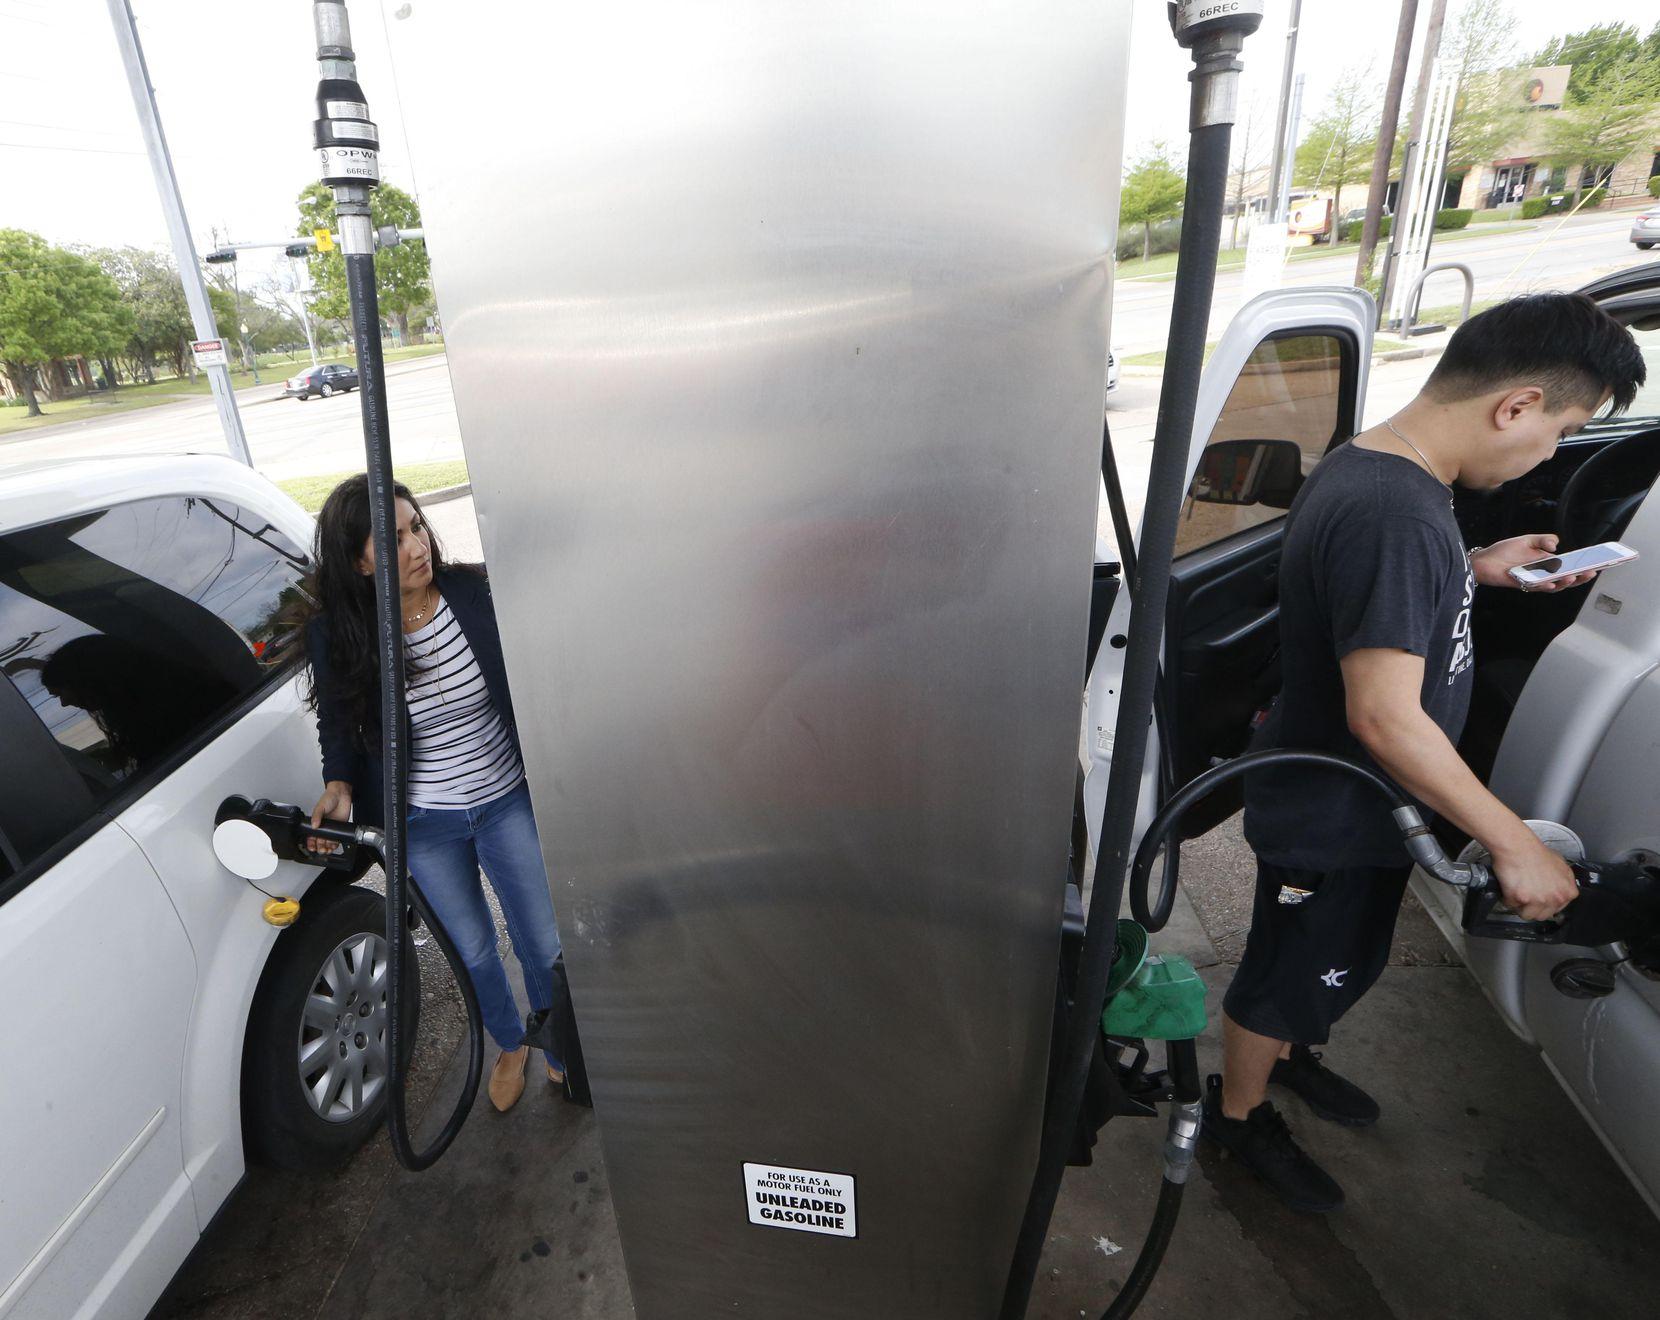 Amelia Banda (izq.) y Andrew Rivas ponen gasolina en una estación en N. Zang Boulevard y Colorado, en Dallas.Los precios de la gasolina están al alza en el Norte de Texas, pero expertos creen que no subirá mucho más. NATHAN HUNSINGER/DMN